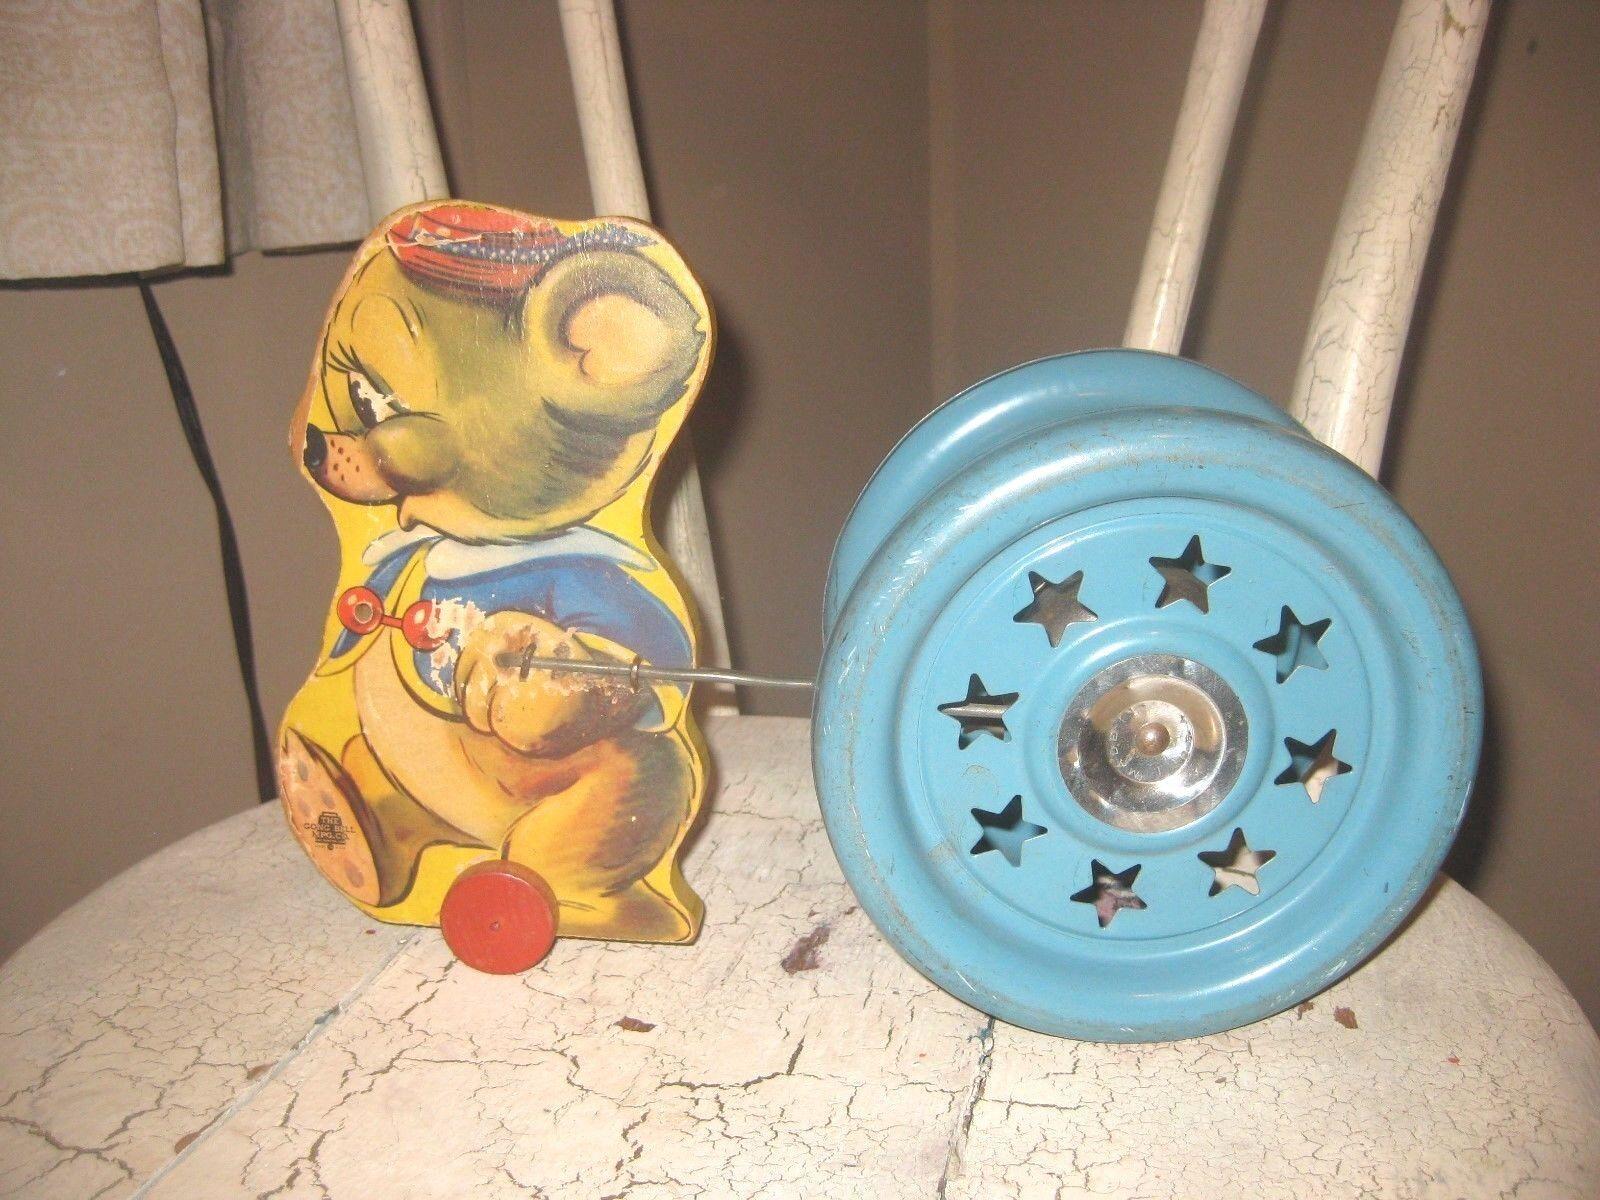 Antike klingeln sind 1940 boden zieht spielzeug, holz - maus - spielzeug - glocke